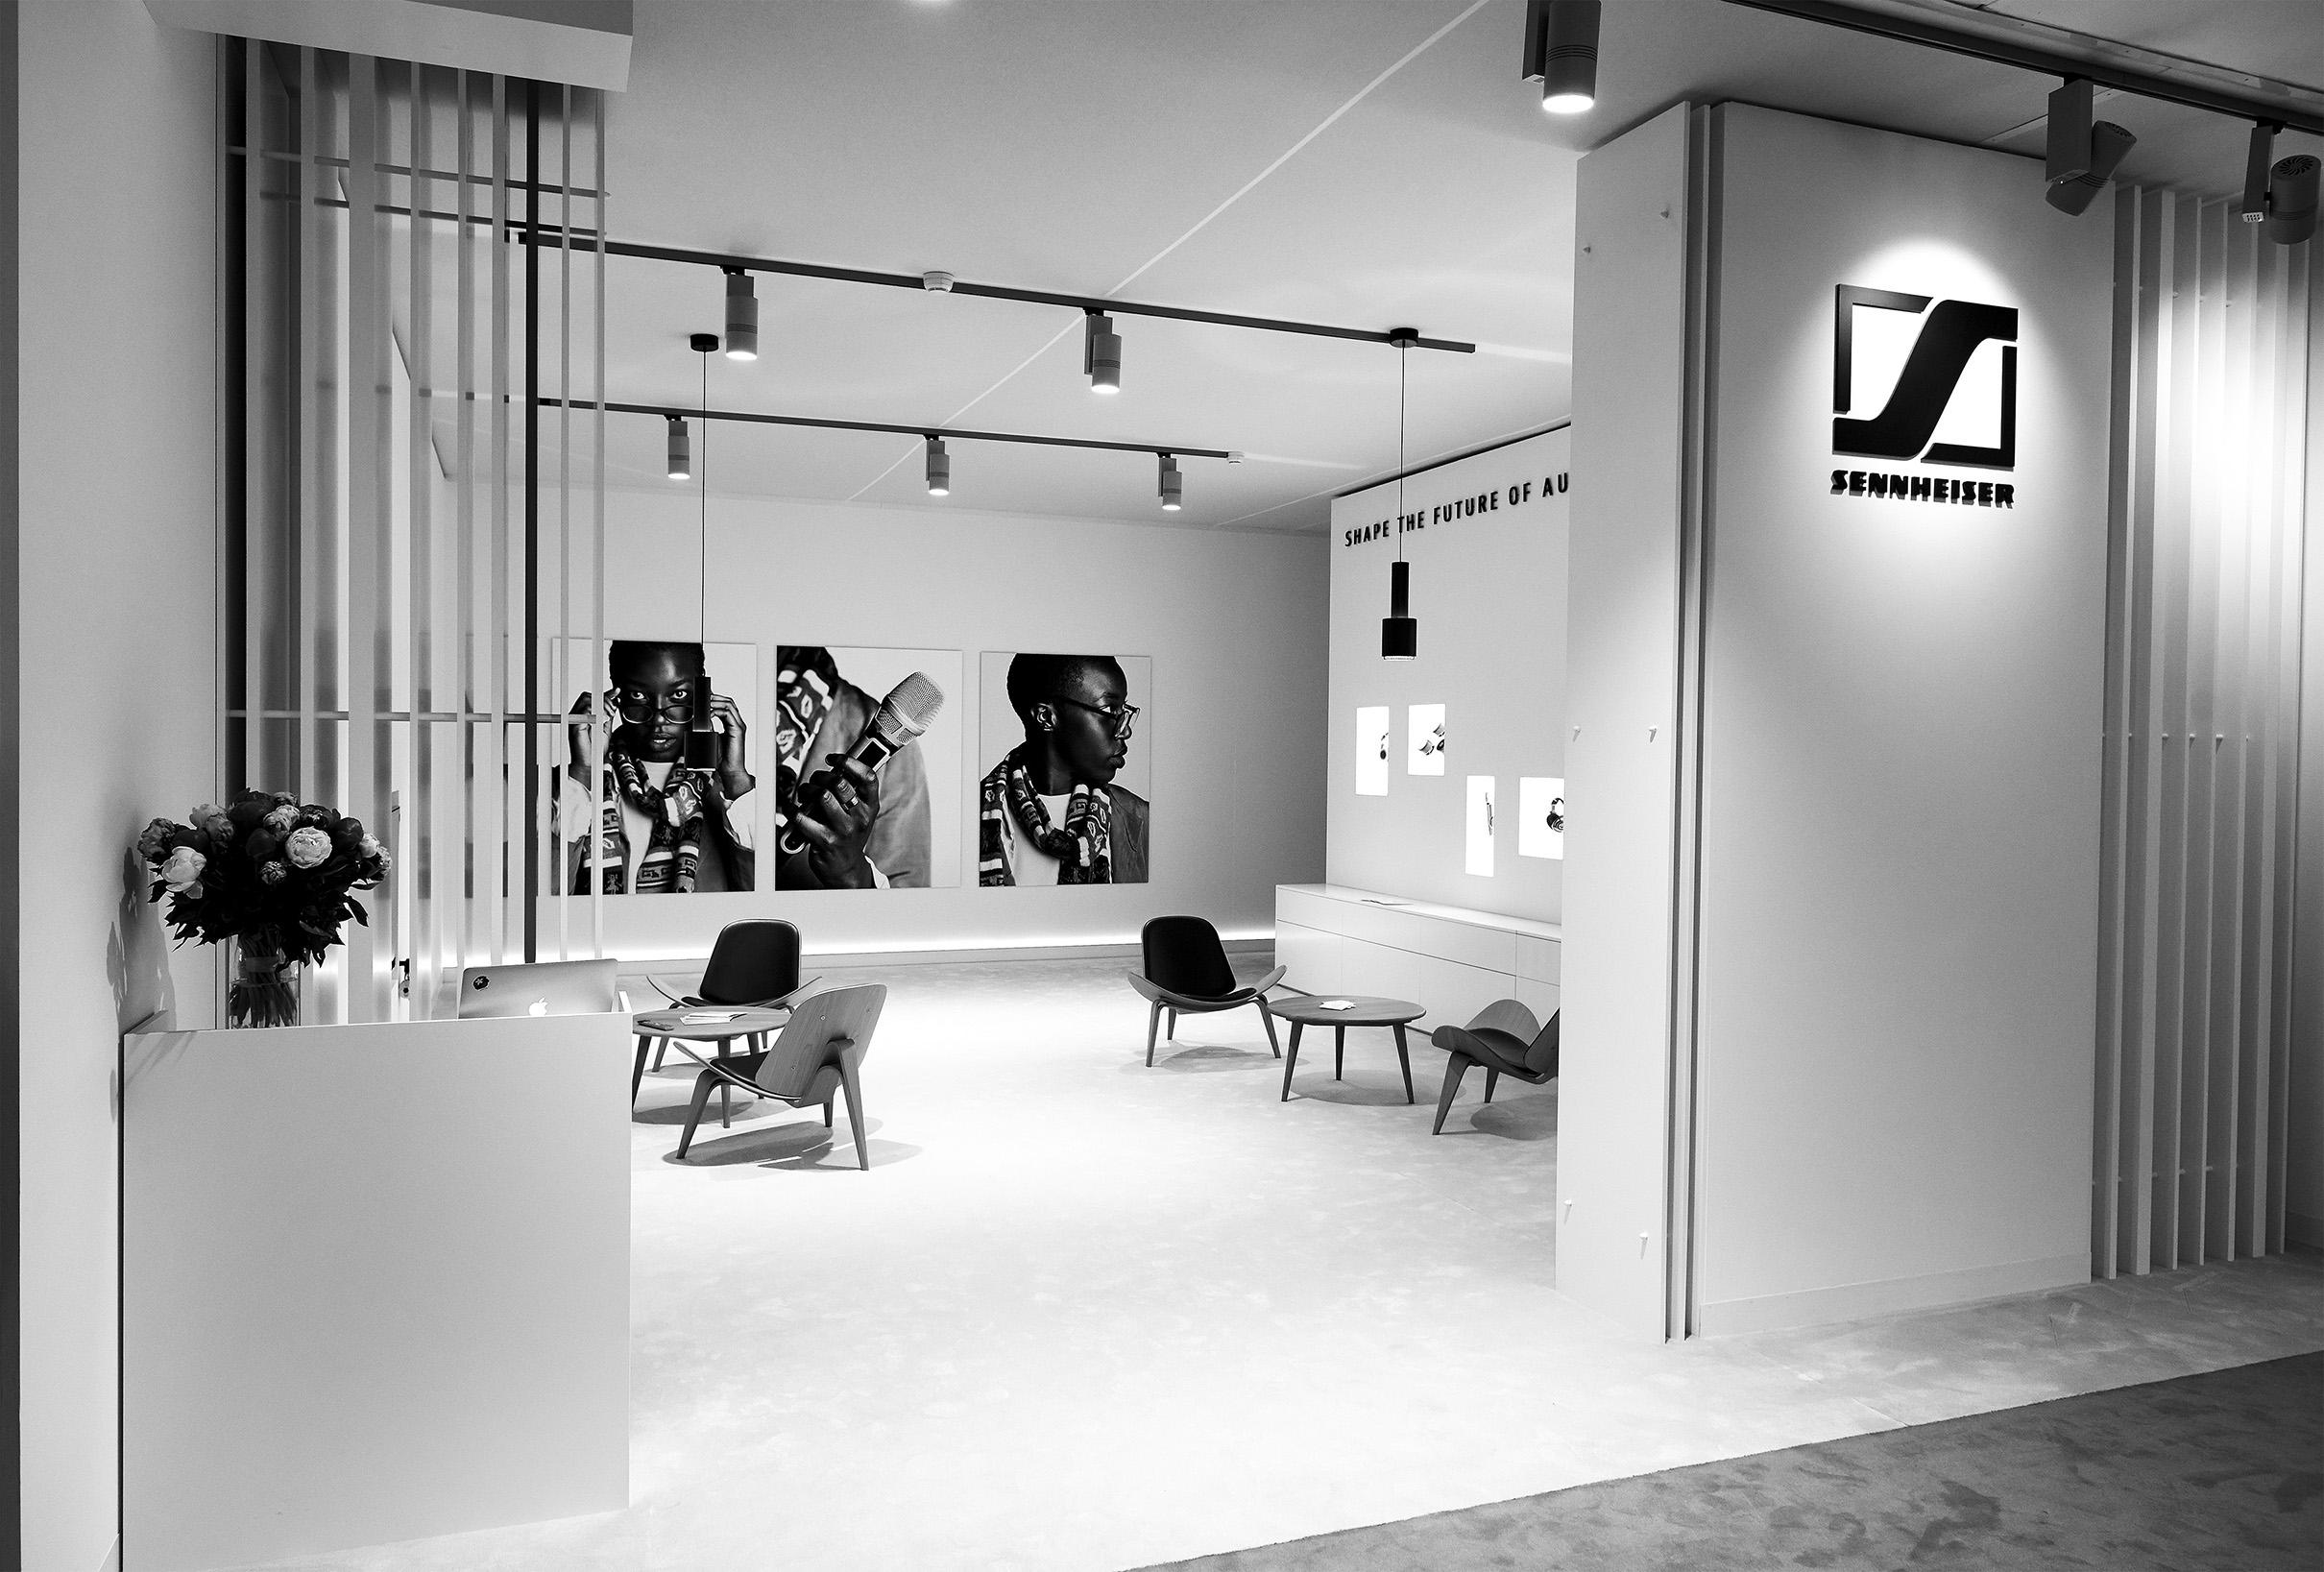 巴塞尔艺术展香港展会 - Sennheiser为您呈献声音艺术的未来